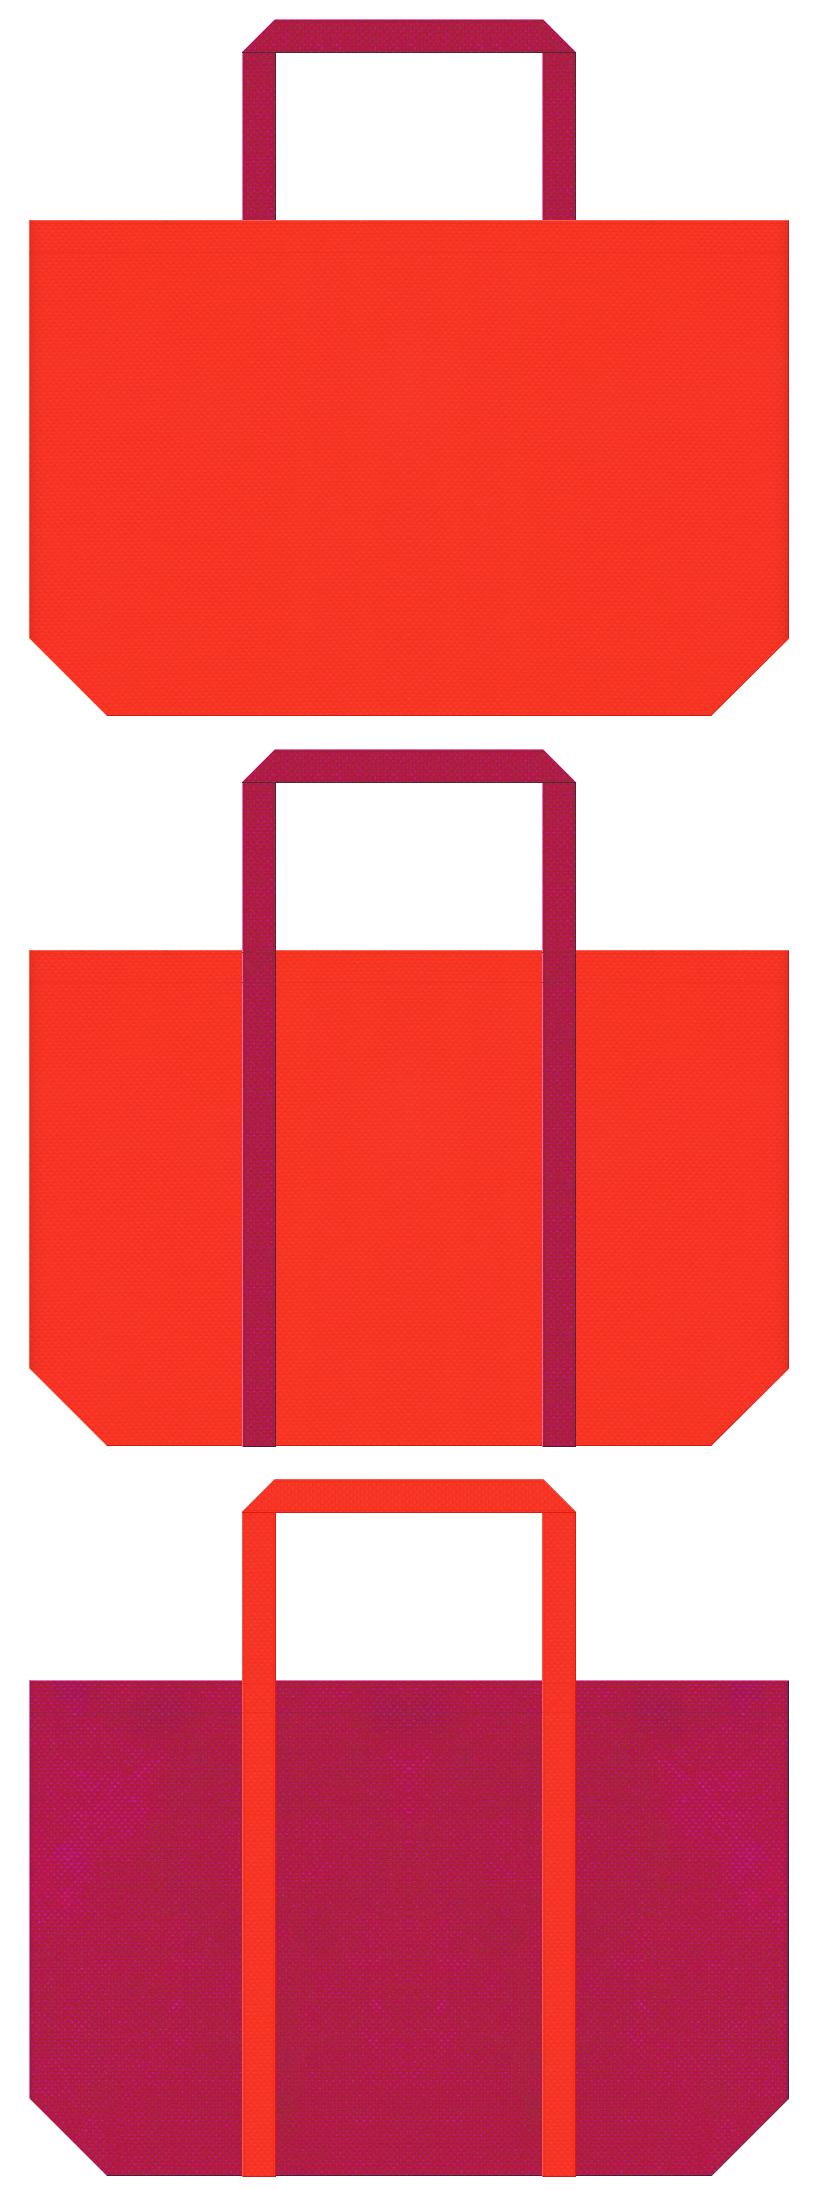 オレンジ色と濃いピンク色の不織布ショッピングバッグデザイン。